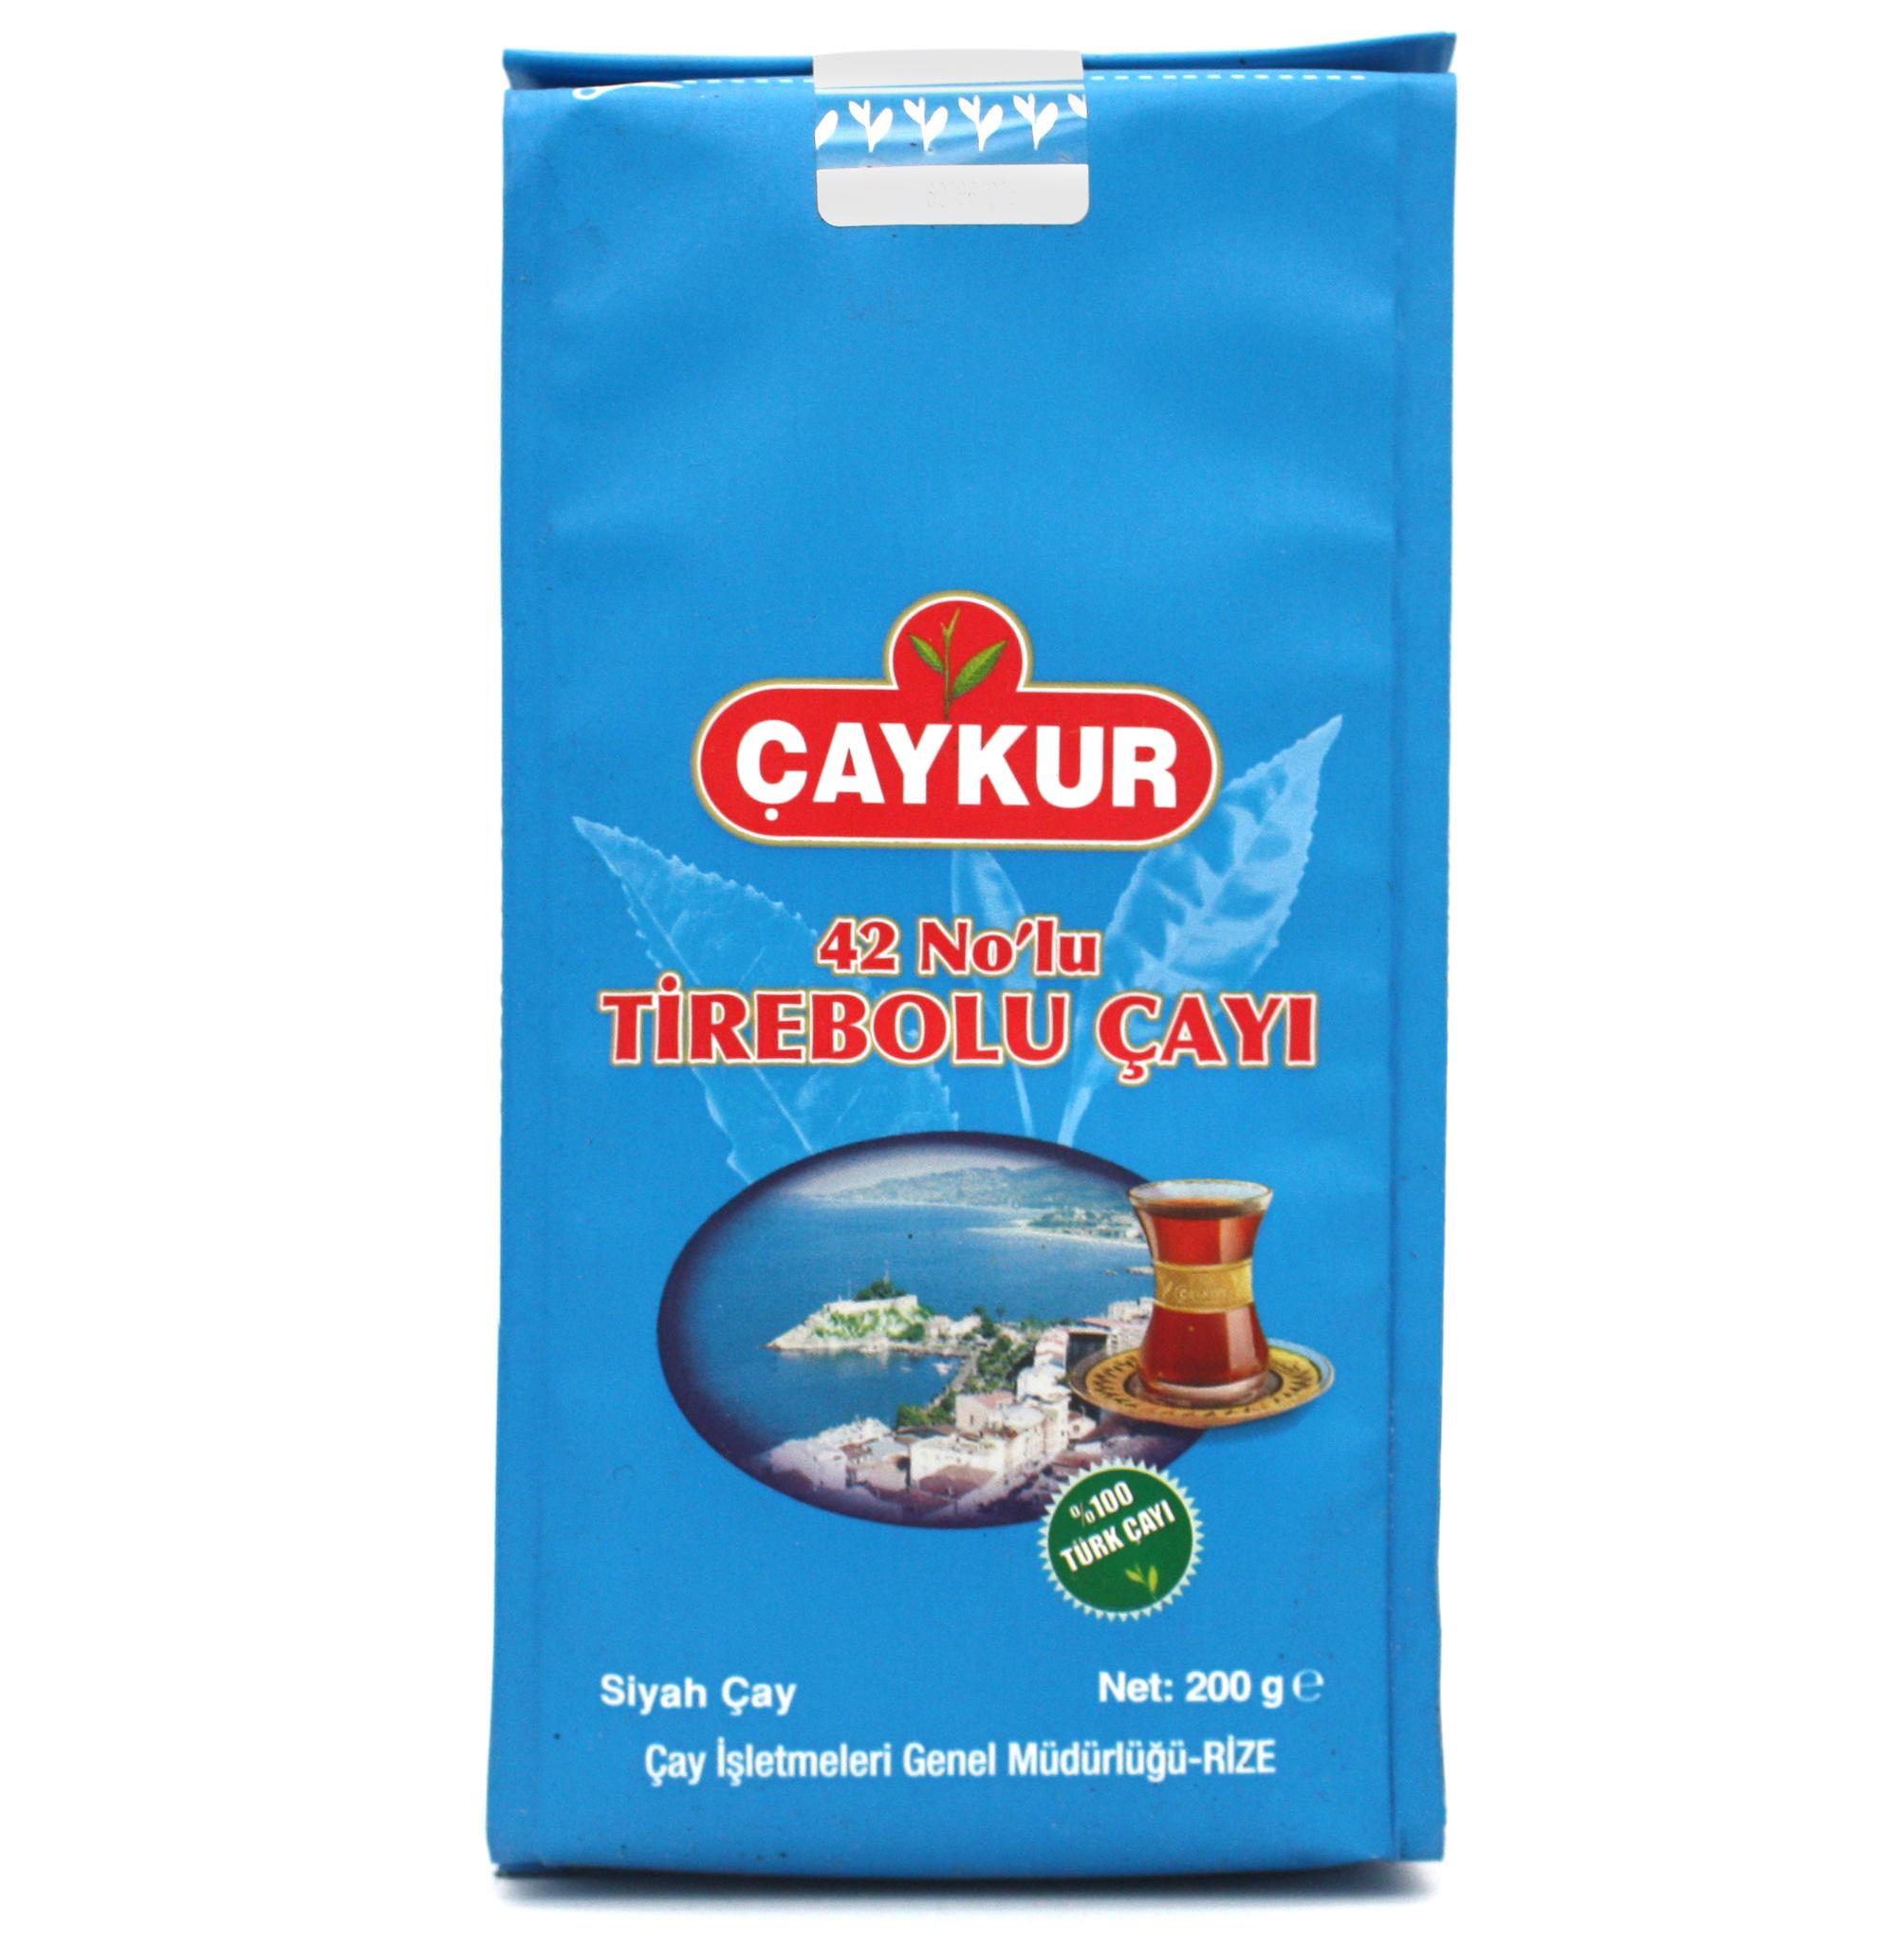 Чай Турецкий черный чай Tirebolu №42, Çaykur, 200 г import_files_d9_d9ec986434d611e9a9a6484d7ecee297_727868f735b211e9a9a6484d7ecee297.jpg